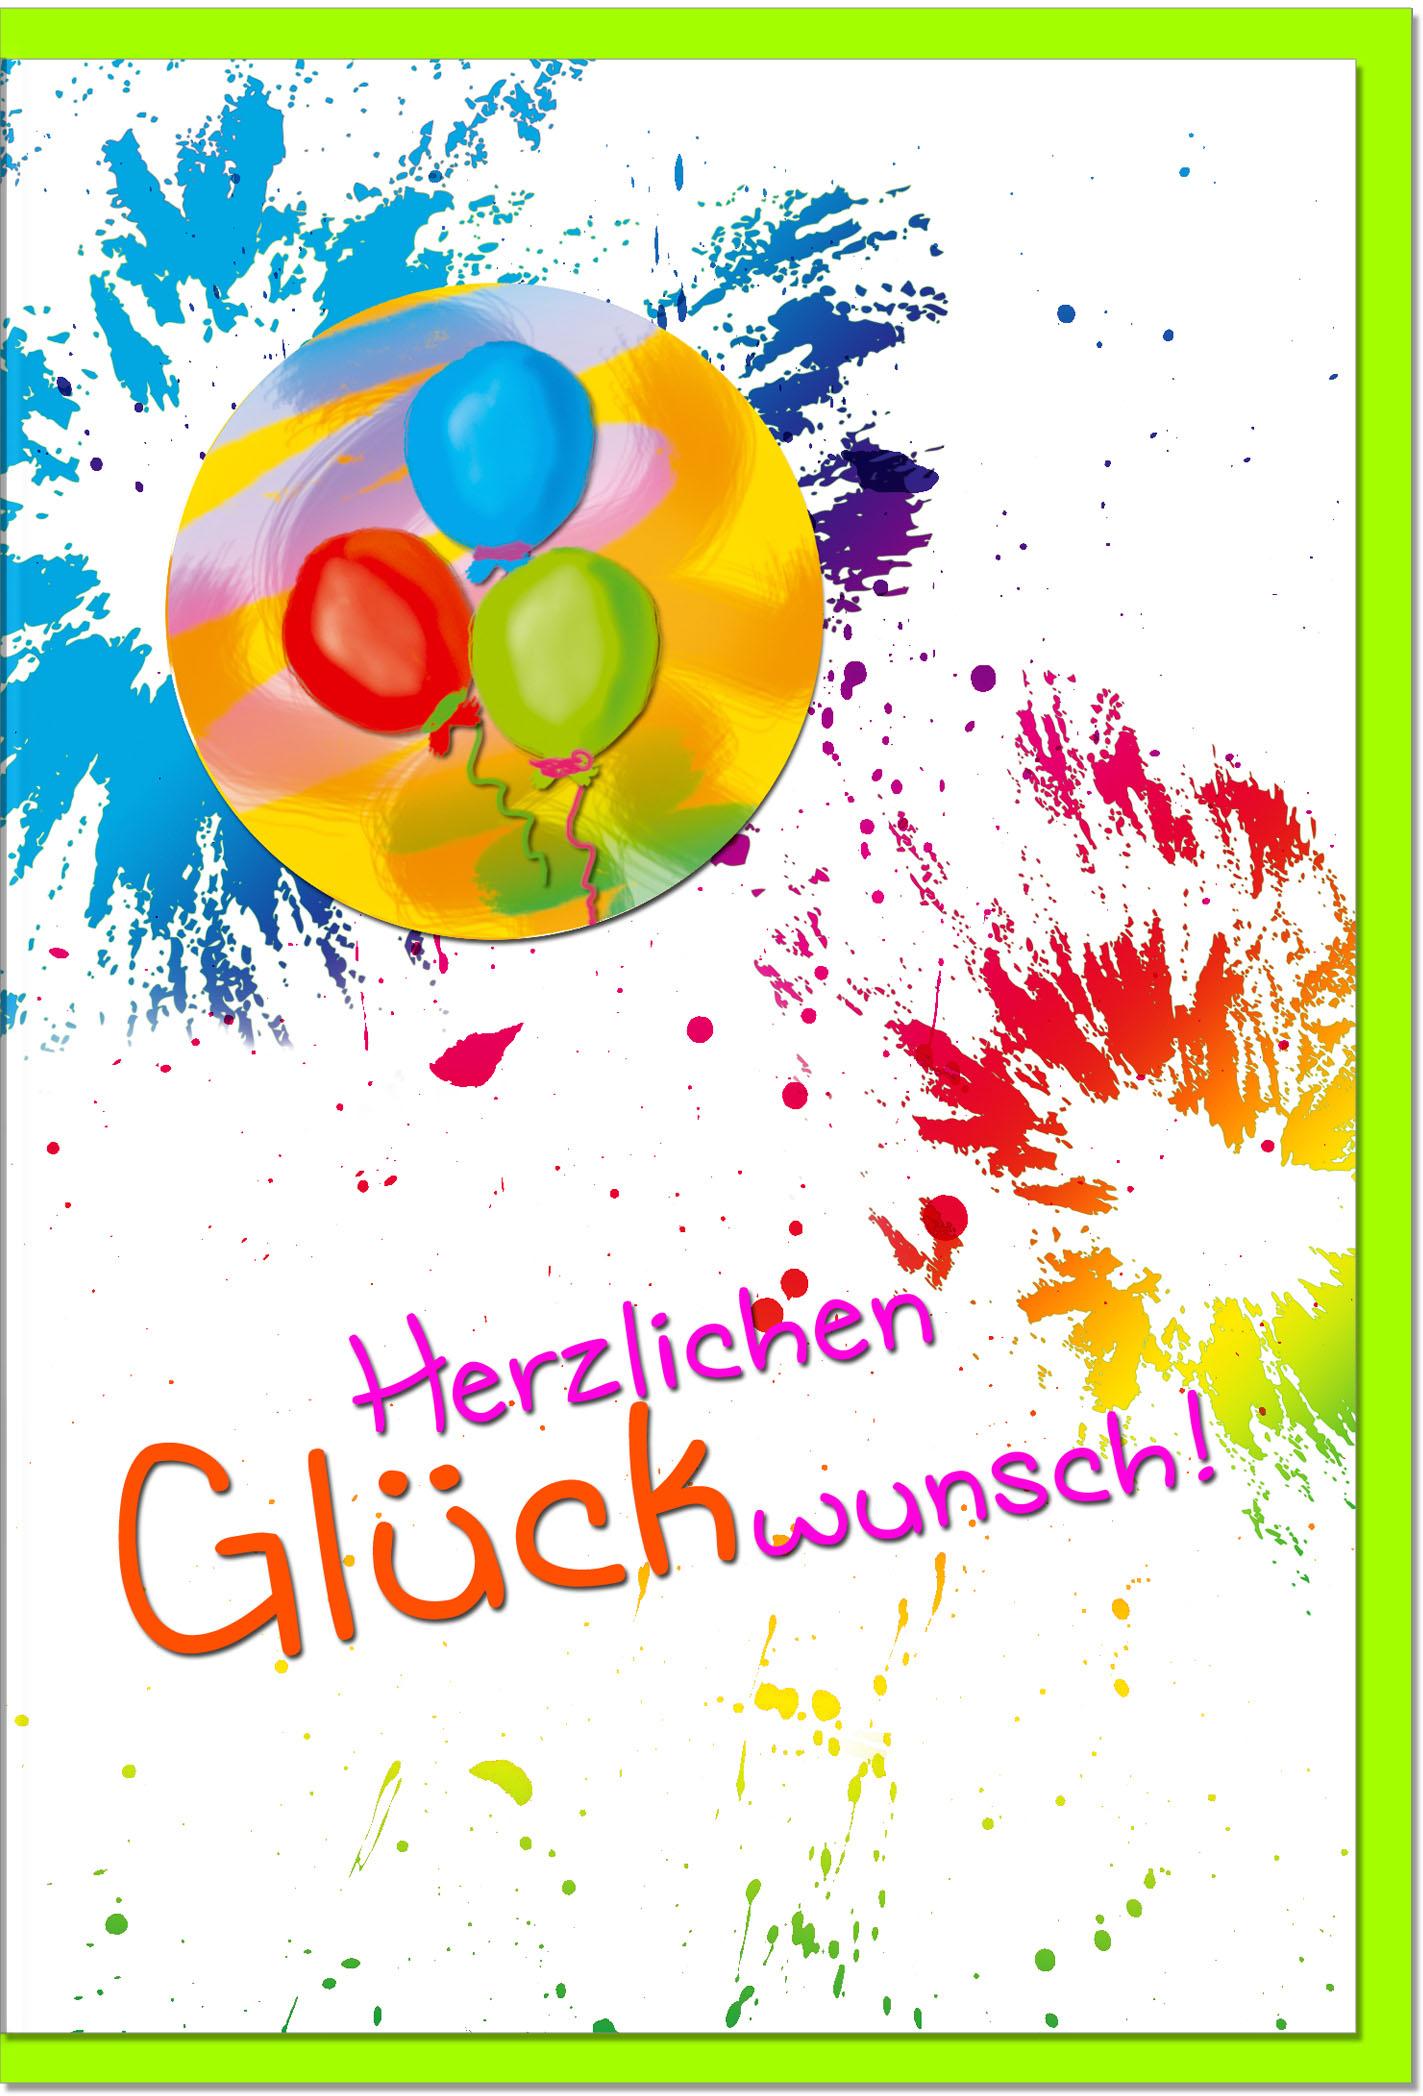 Glückwunschkarten / Grußkarten /Glückwunsch Luftballons